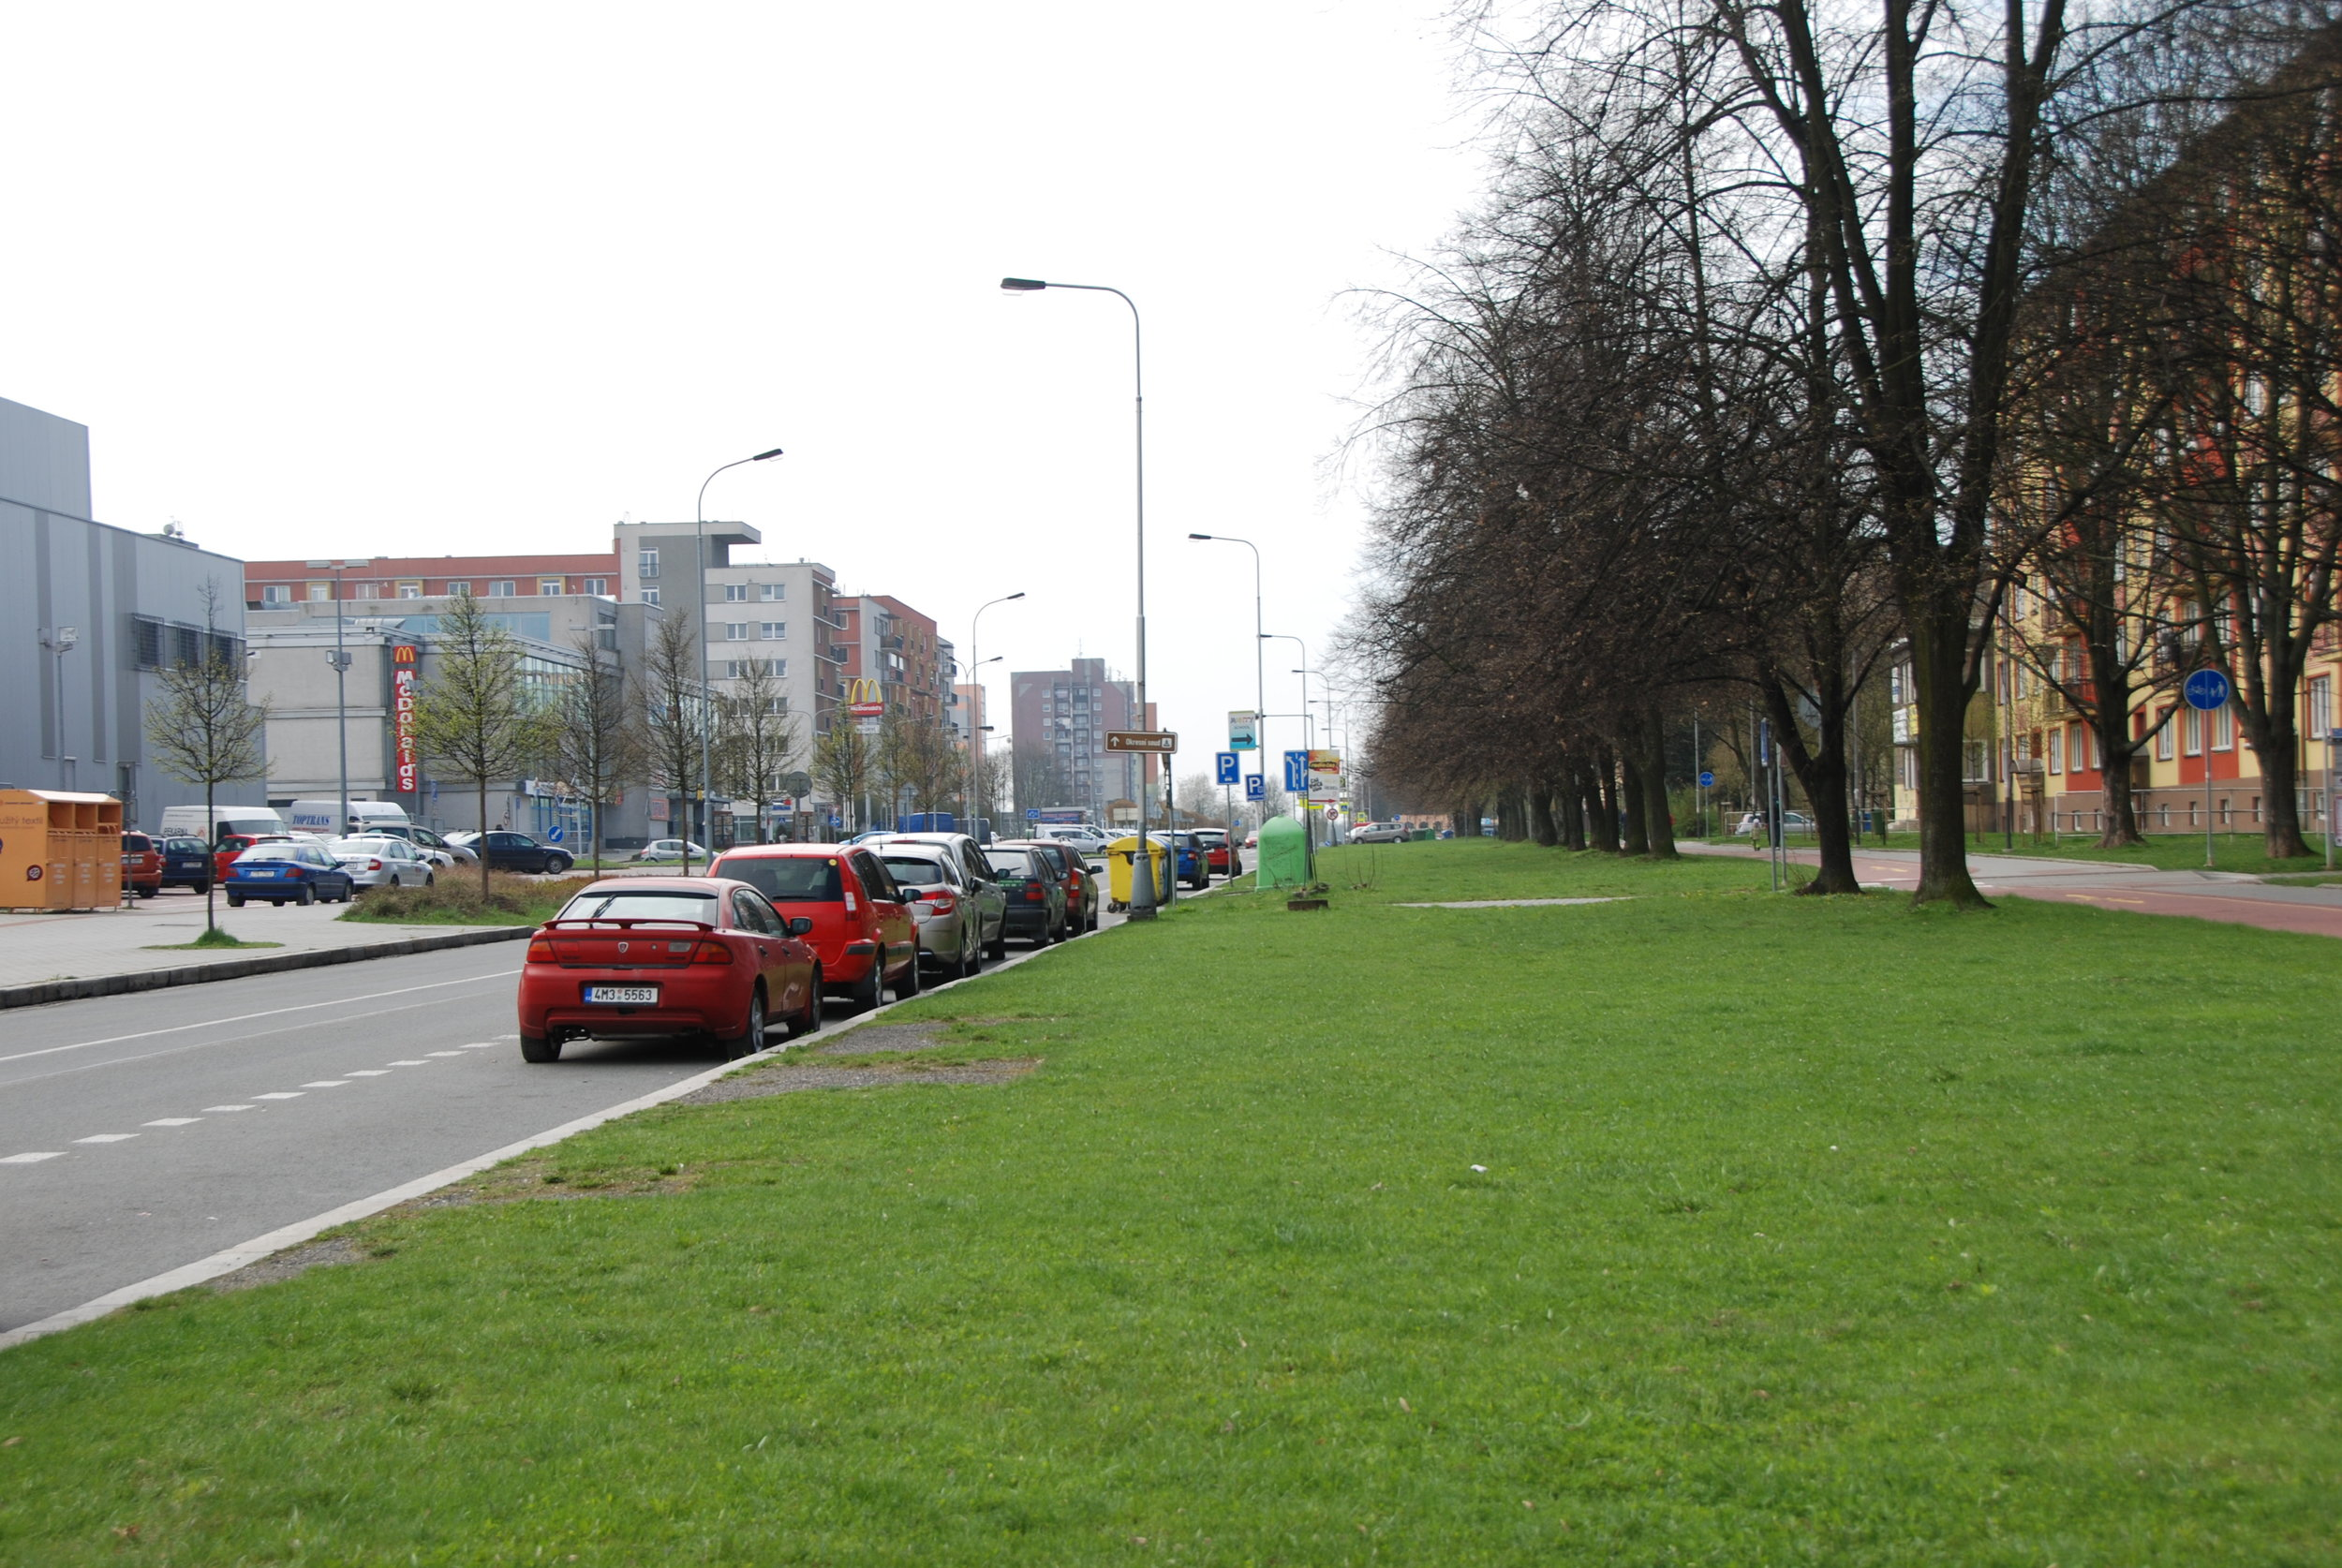 Opačný pohled na ulici Francouzskou a rozsáhlý pás zeleně. Nalevo jde vidět část zástavby vybudované z větší části po roce 1990. Namísto reprezentativního náměstívznikla obytná zástavba, obchodní středisko a hypermarket. Šance na důstojné propojení dvou stavebních obvodů Poruby byla ztracena.(foto: Libor Hinčica)